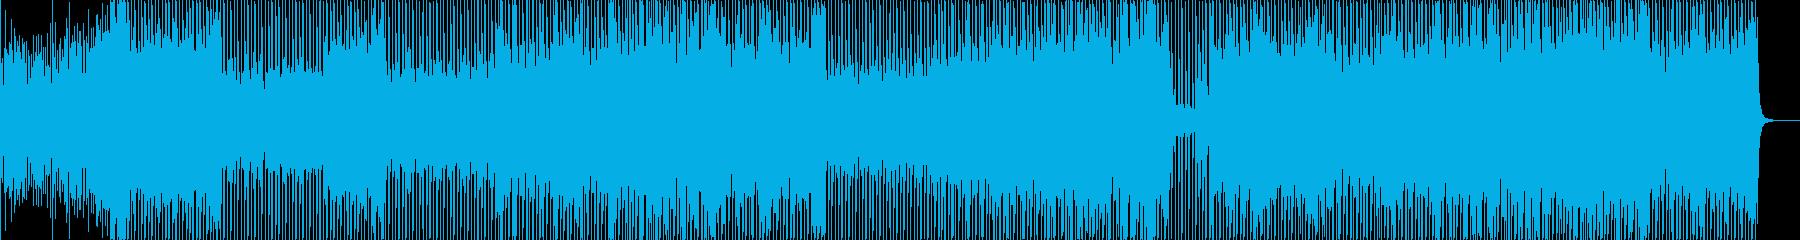 ダンス/懐かしさ/オケヒット/ハイテンポの再生済みの波形